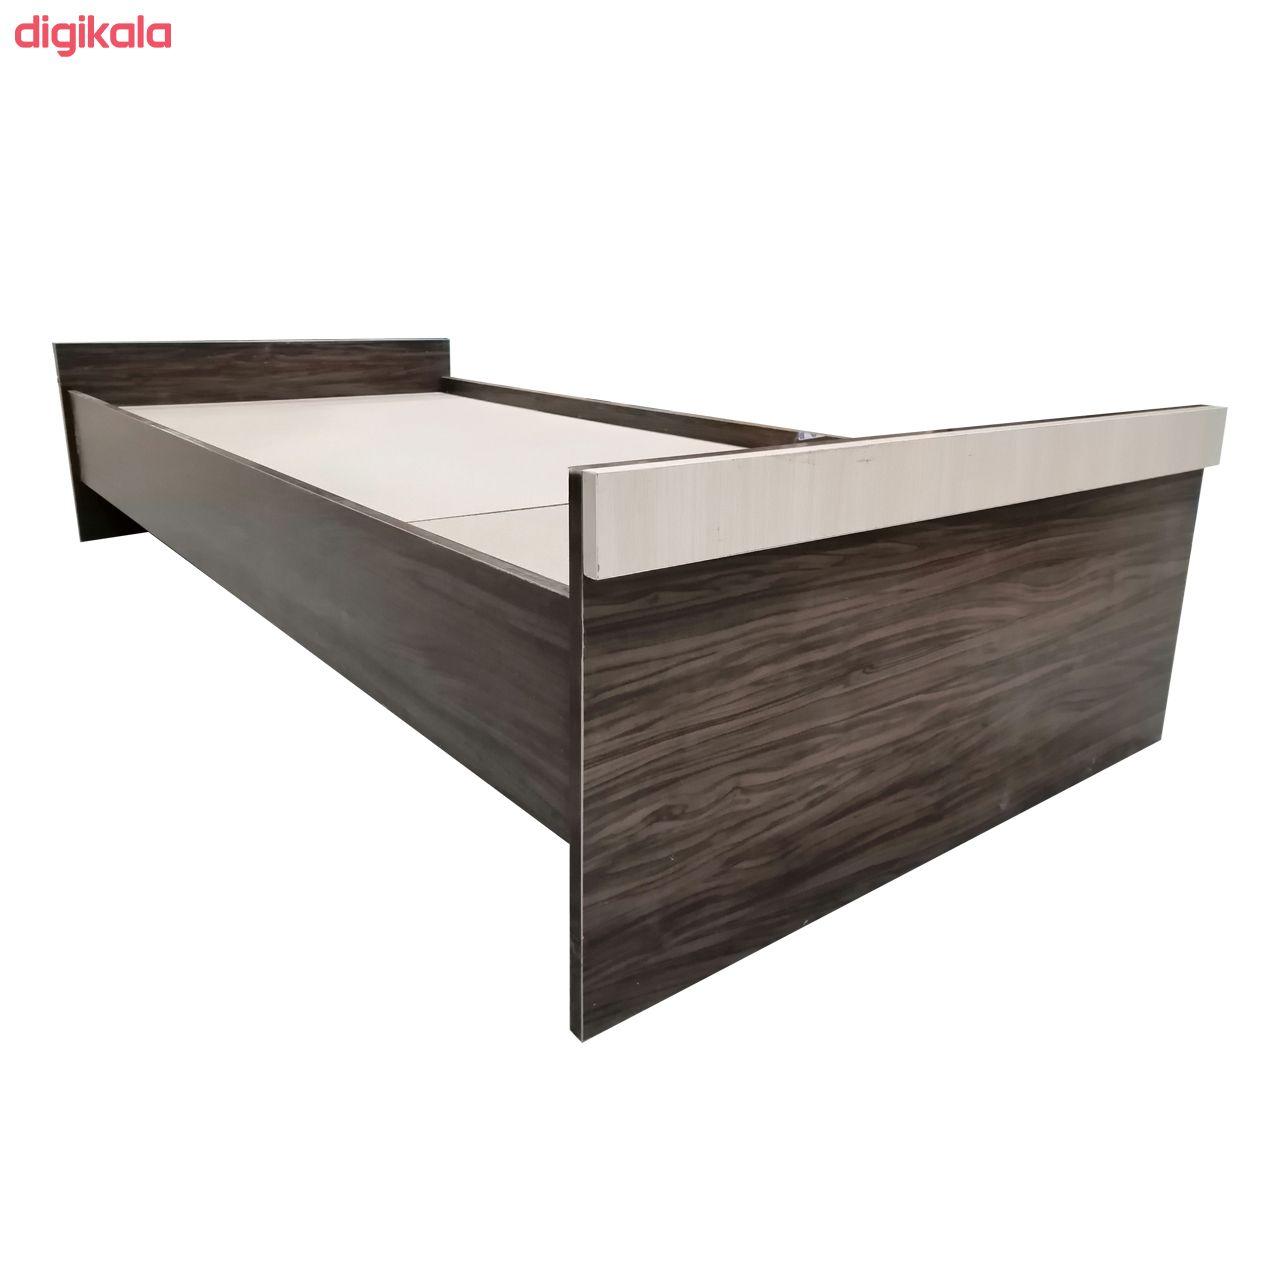 تخت خواب یک نفره مدل TB19 سایز 200x96 سانتی متر  main 1 3